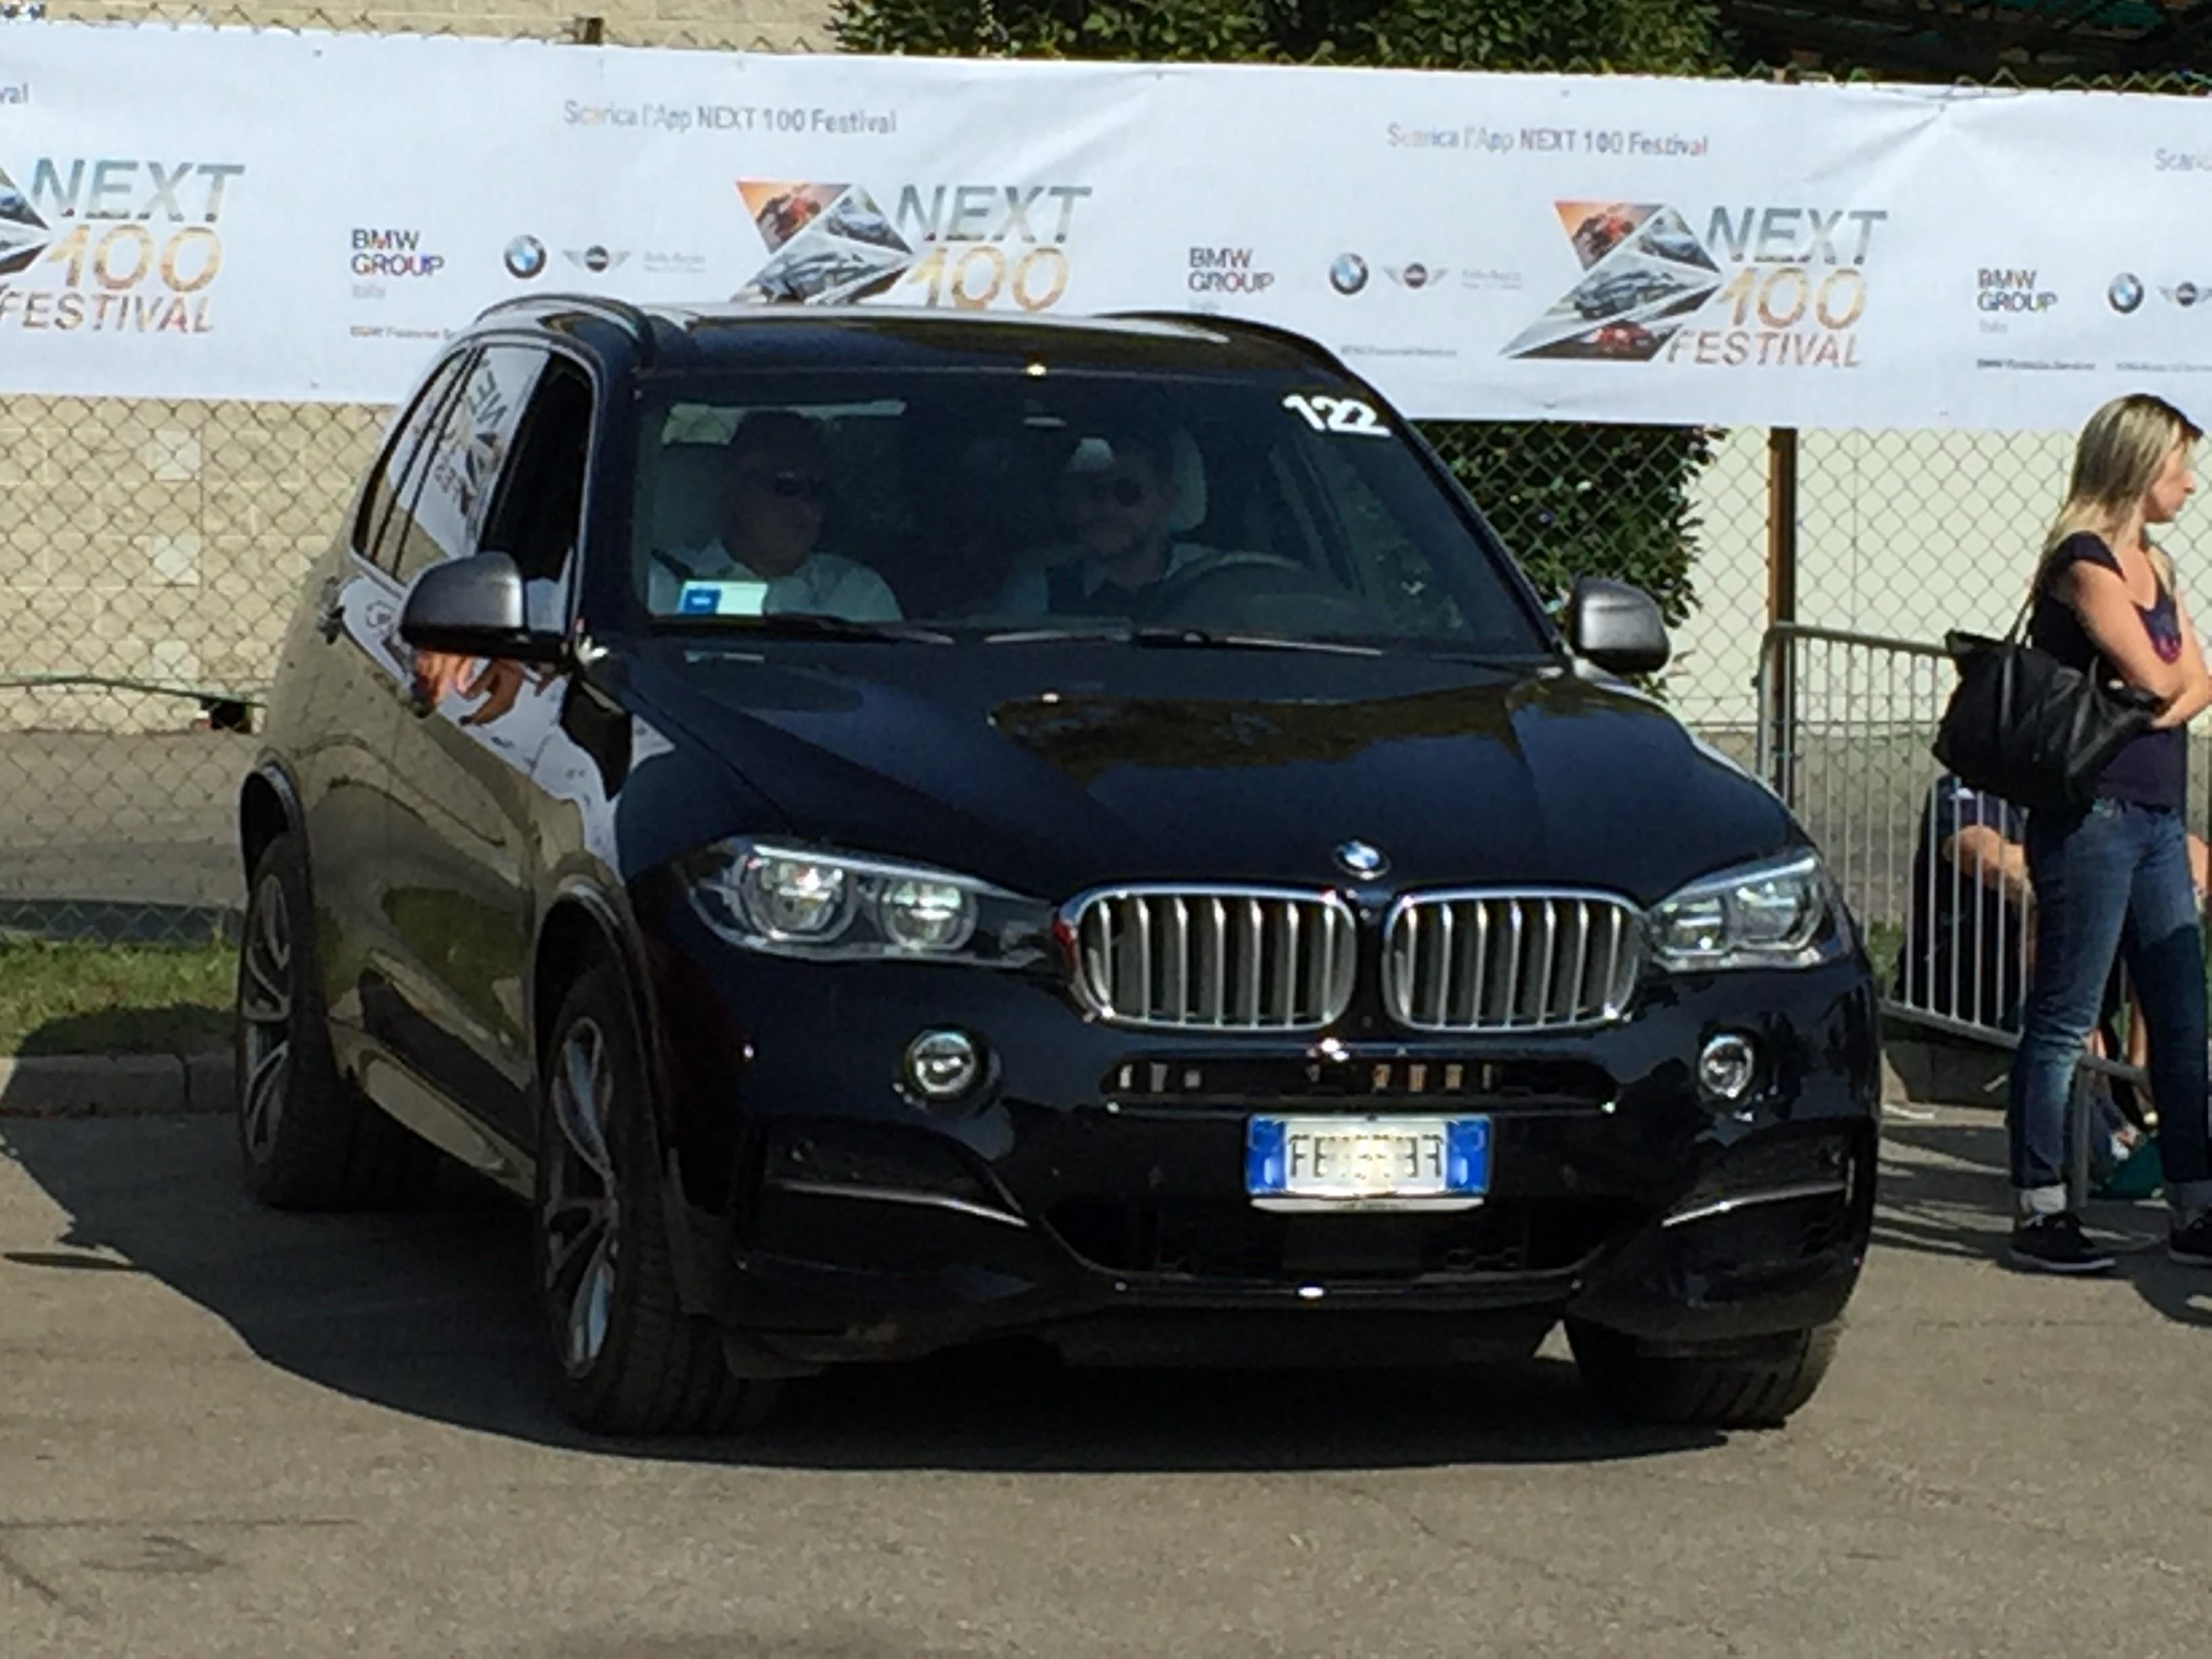 BMW X5 Monza